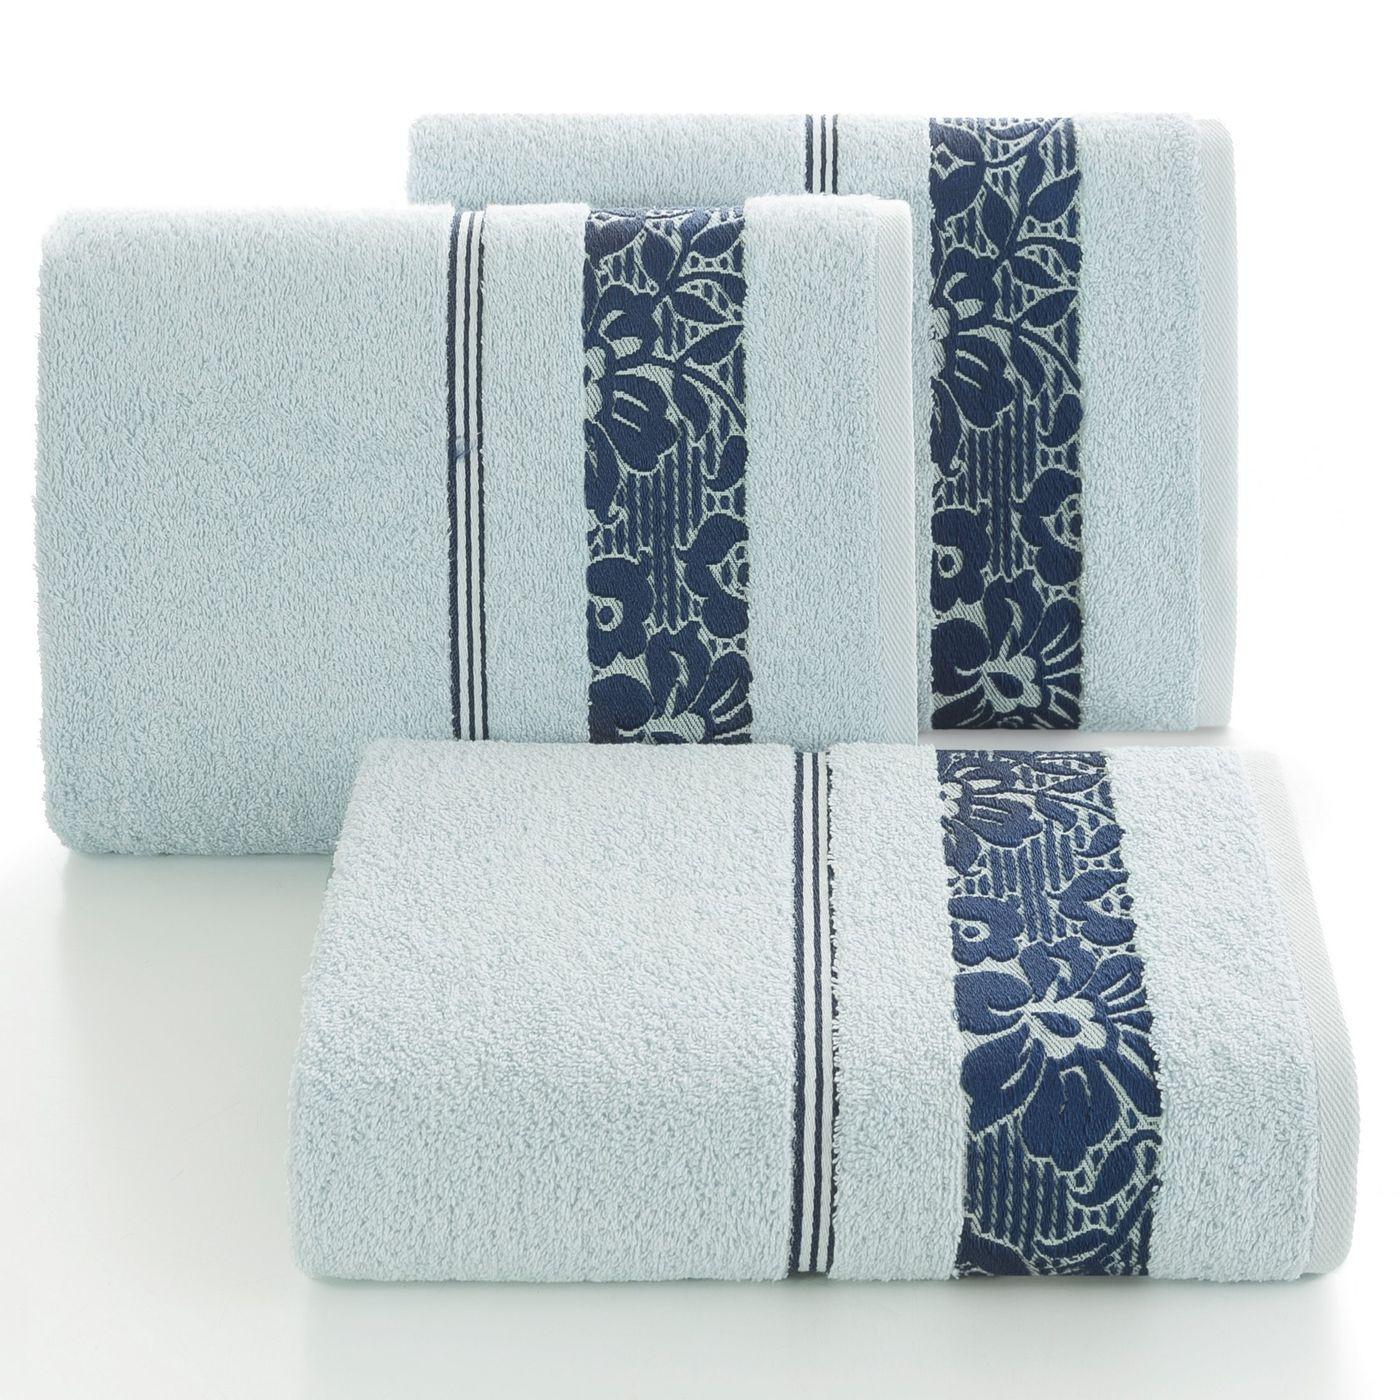 Ręcznik z bawełny z kwiatowym wzorem na bordiurze 50x90cm niebieski